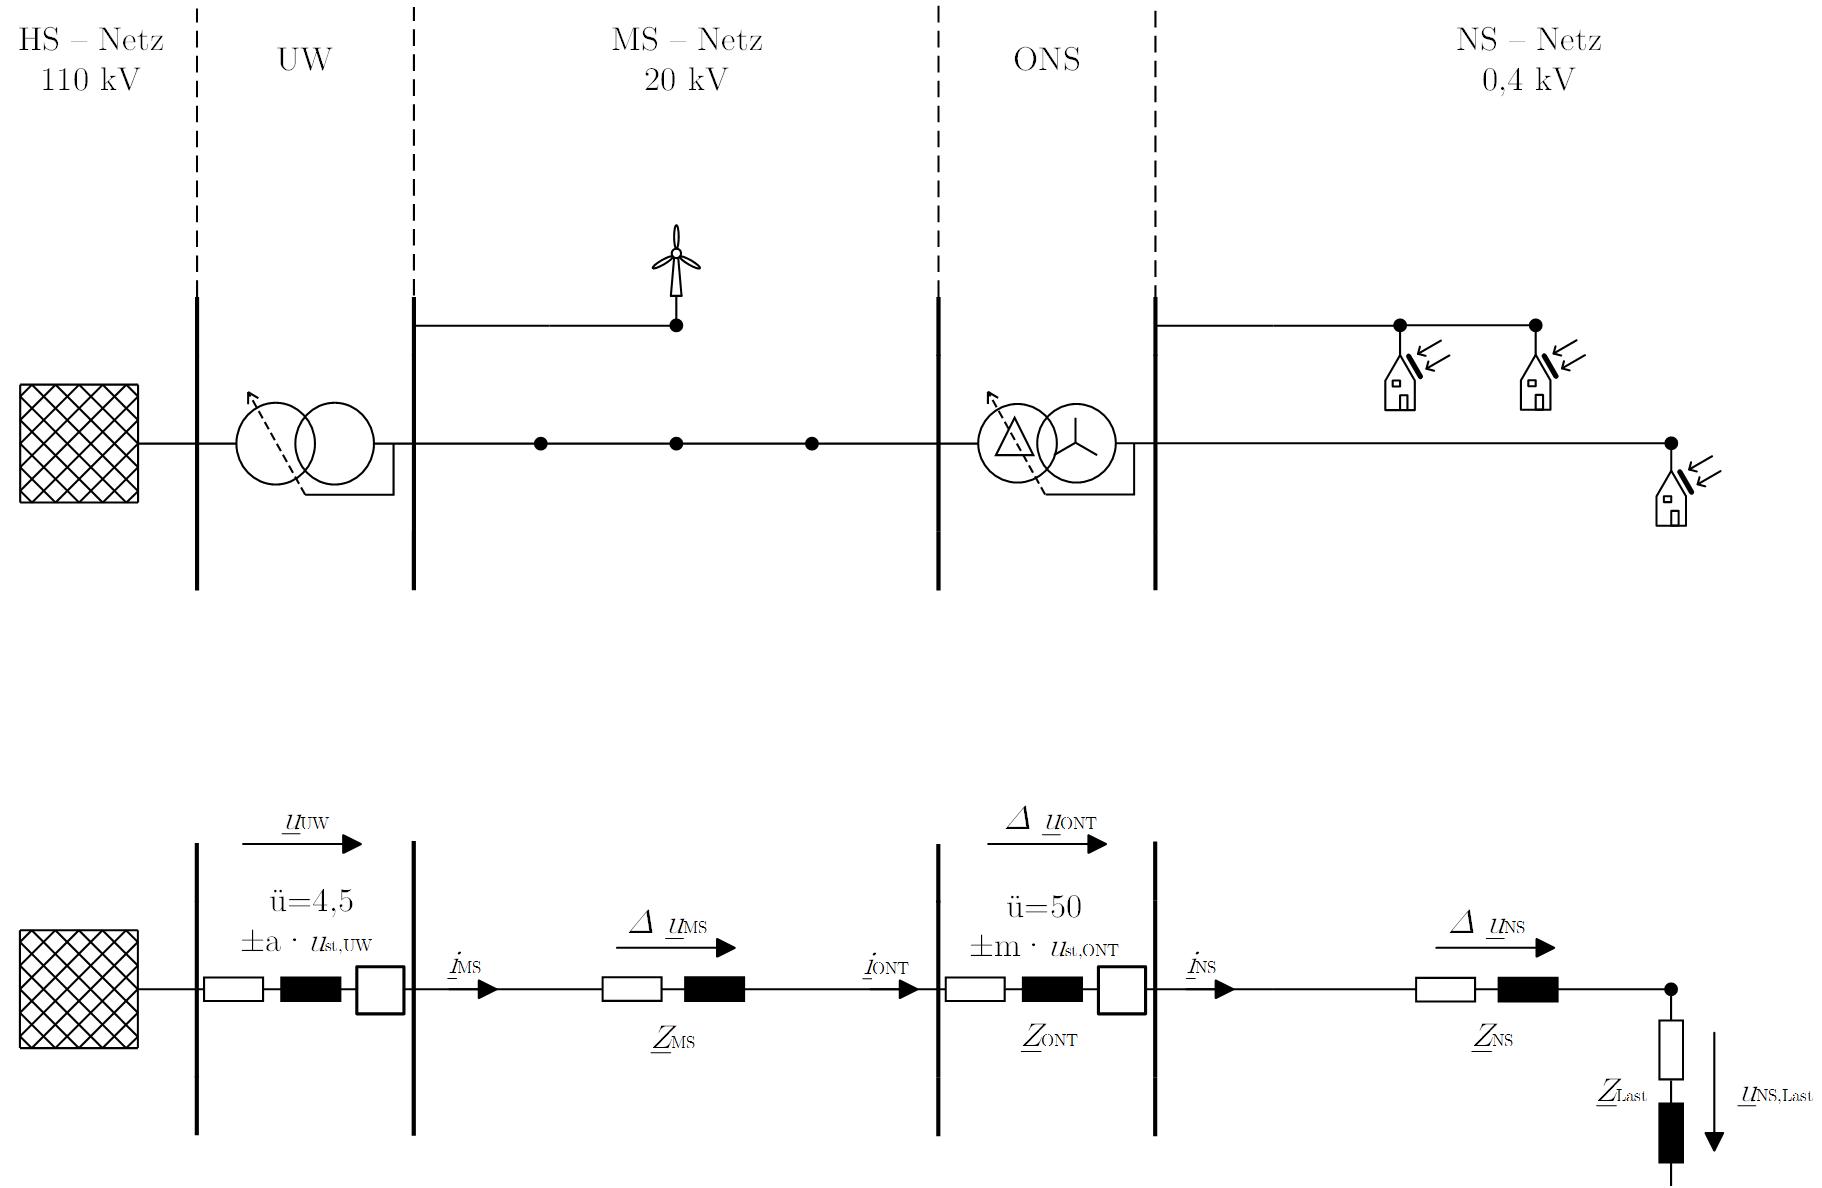 Abbildung 2: Schema und ESB eines Beispielnetzes